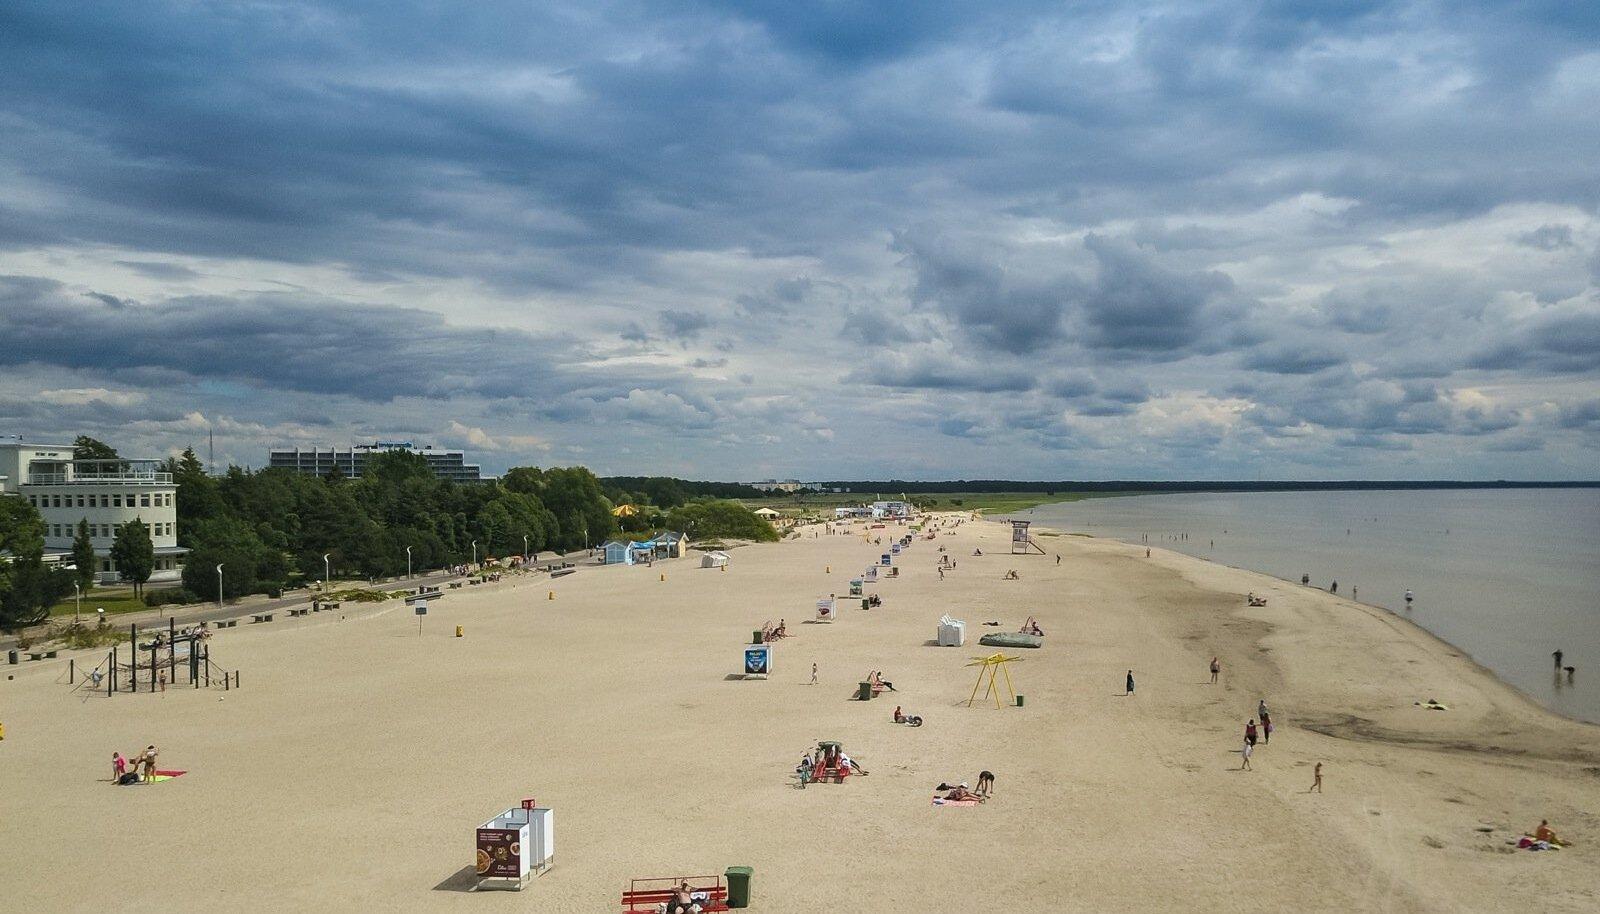 Pärnu rand 9. juulil. Kui tavapäraselt peaks juulis olema siin raske kohta leida, siis tänavu pole rannailmaga kiita olnud. Haripunktis on Pärnu rannas 10 000 inimest, uuel nädalal lõpuks saabuv suvesoe peaks inimesi ka rohkem liiva peale meelitama.